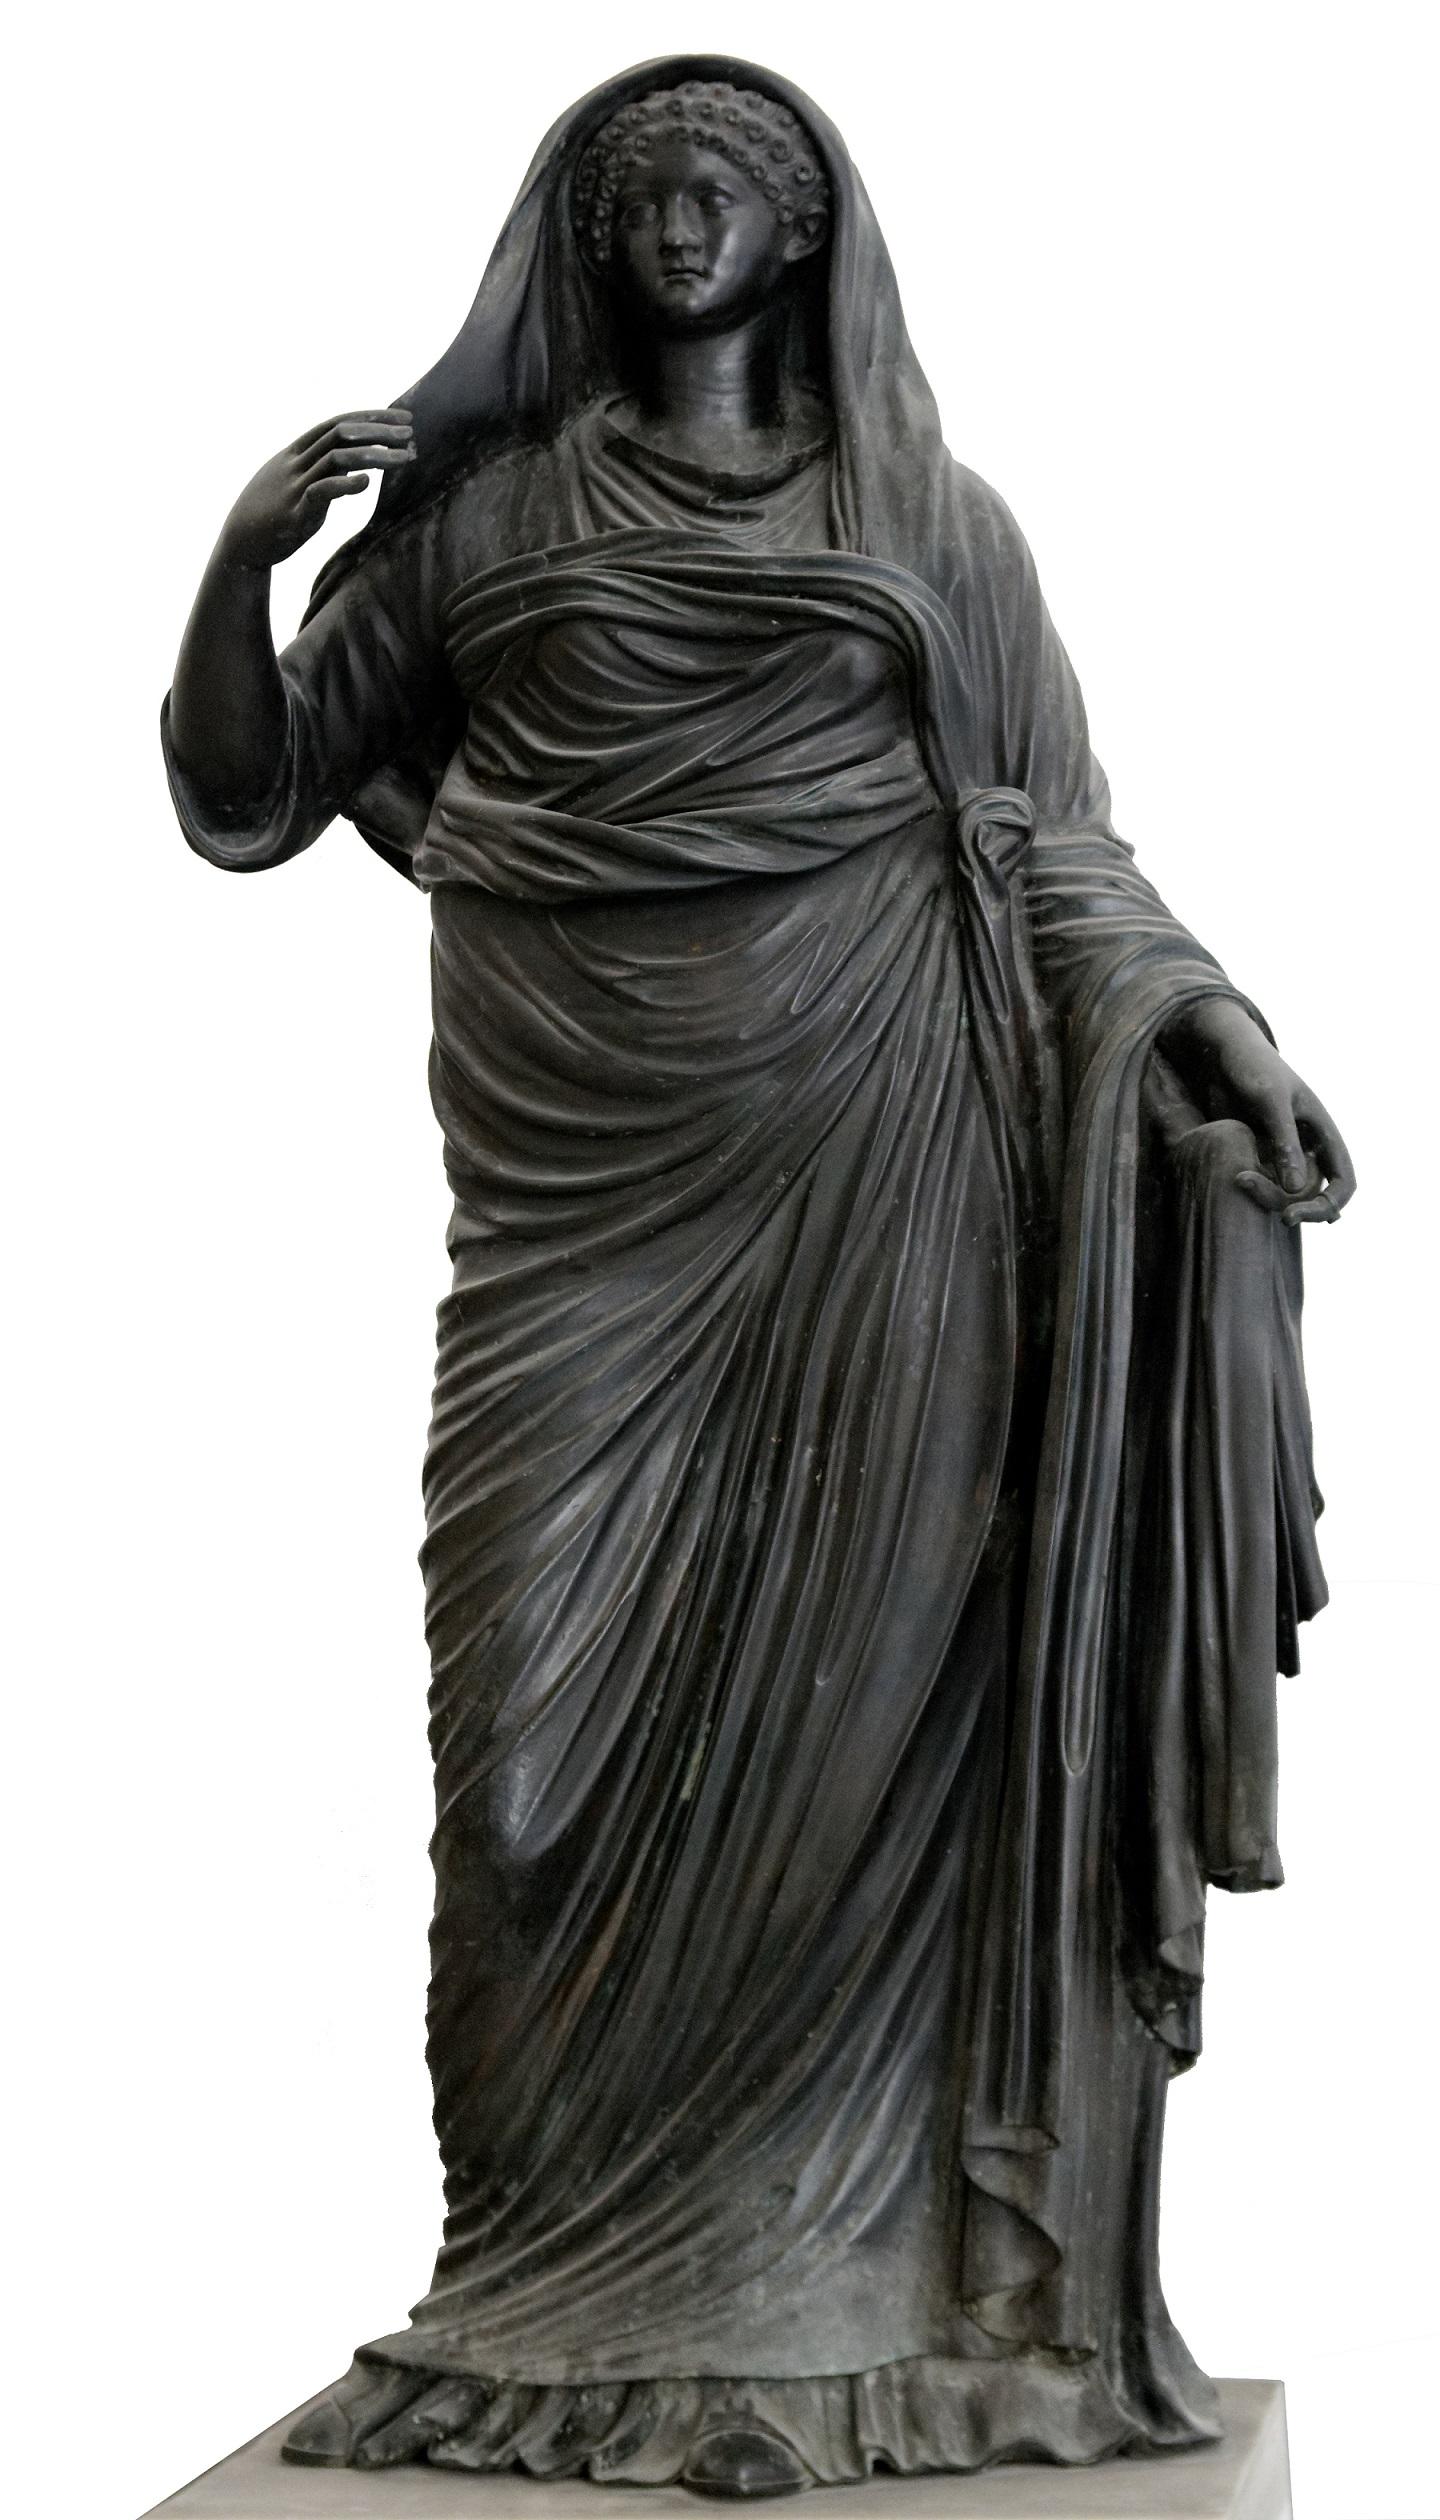 Museum het Valkhof, Van hun voetstuk, Keizerin Agrippina